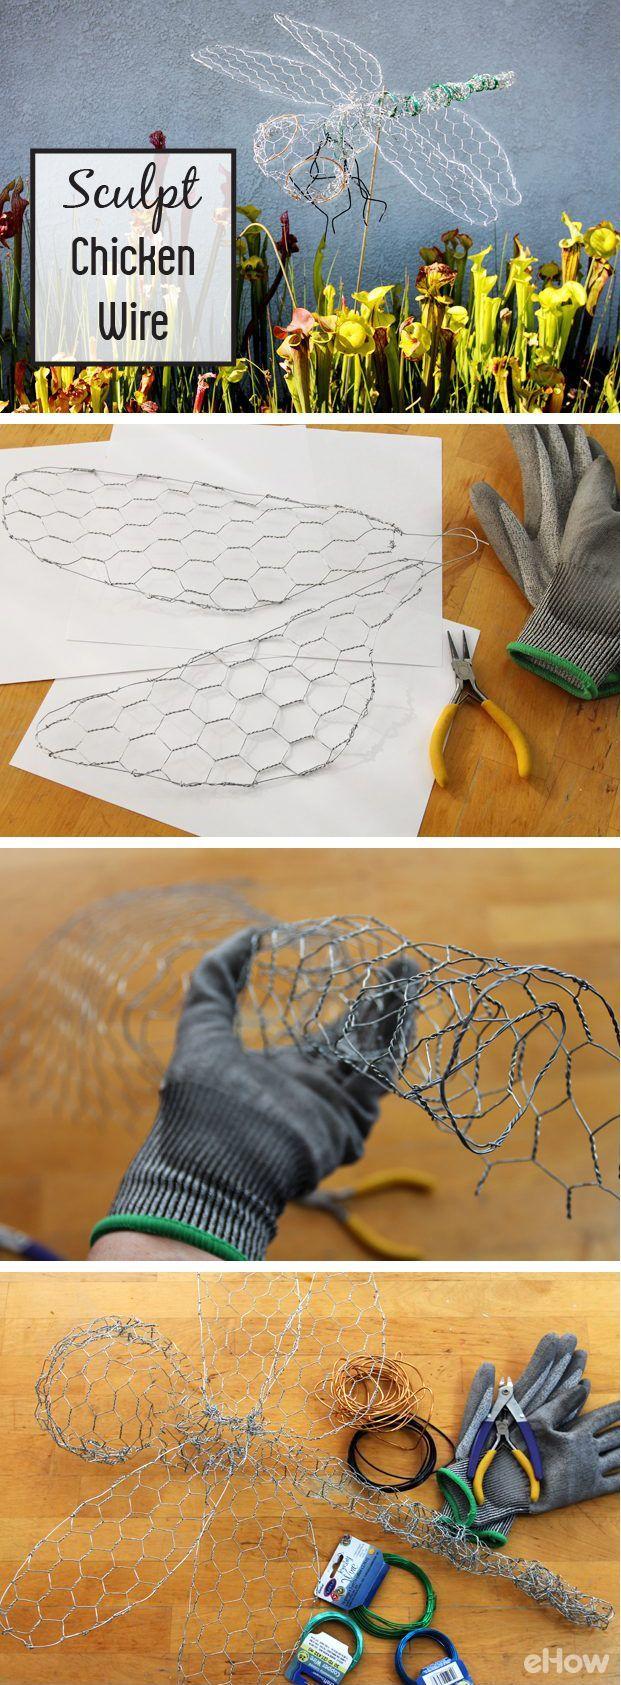 How to Sculpt With Chicken Wire | DIY Ideas | Chicken wire crafts